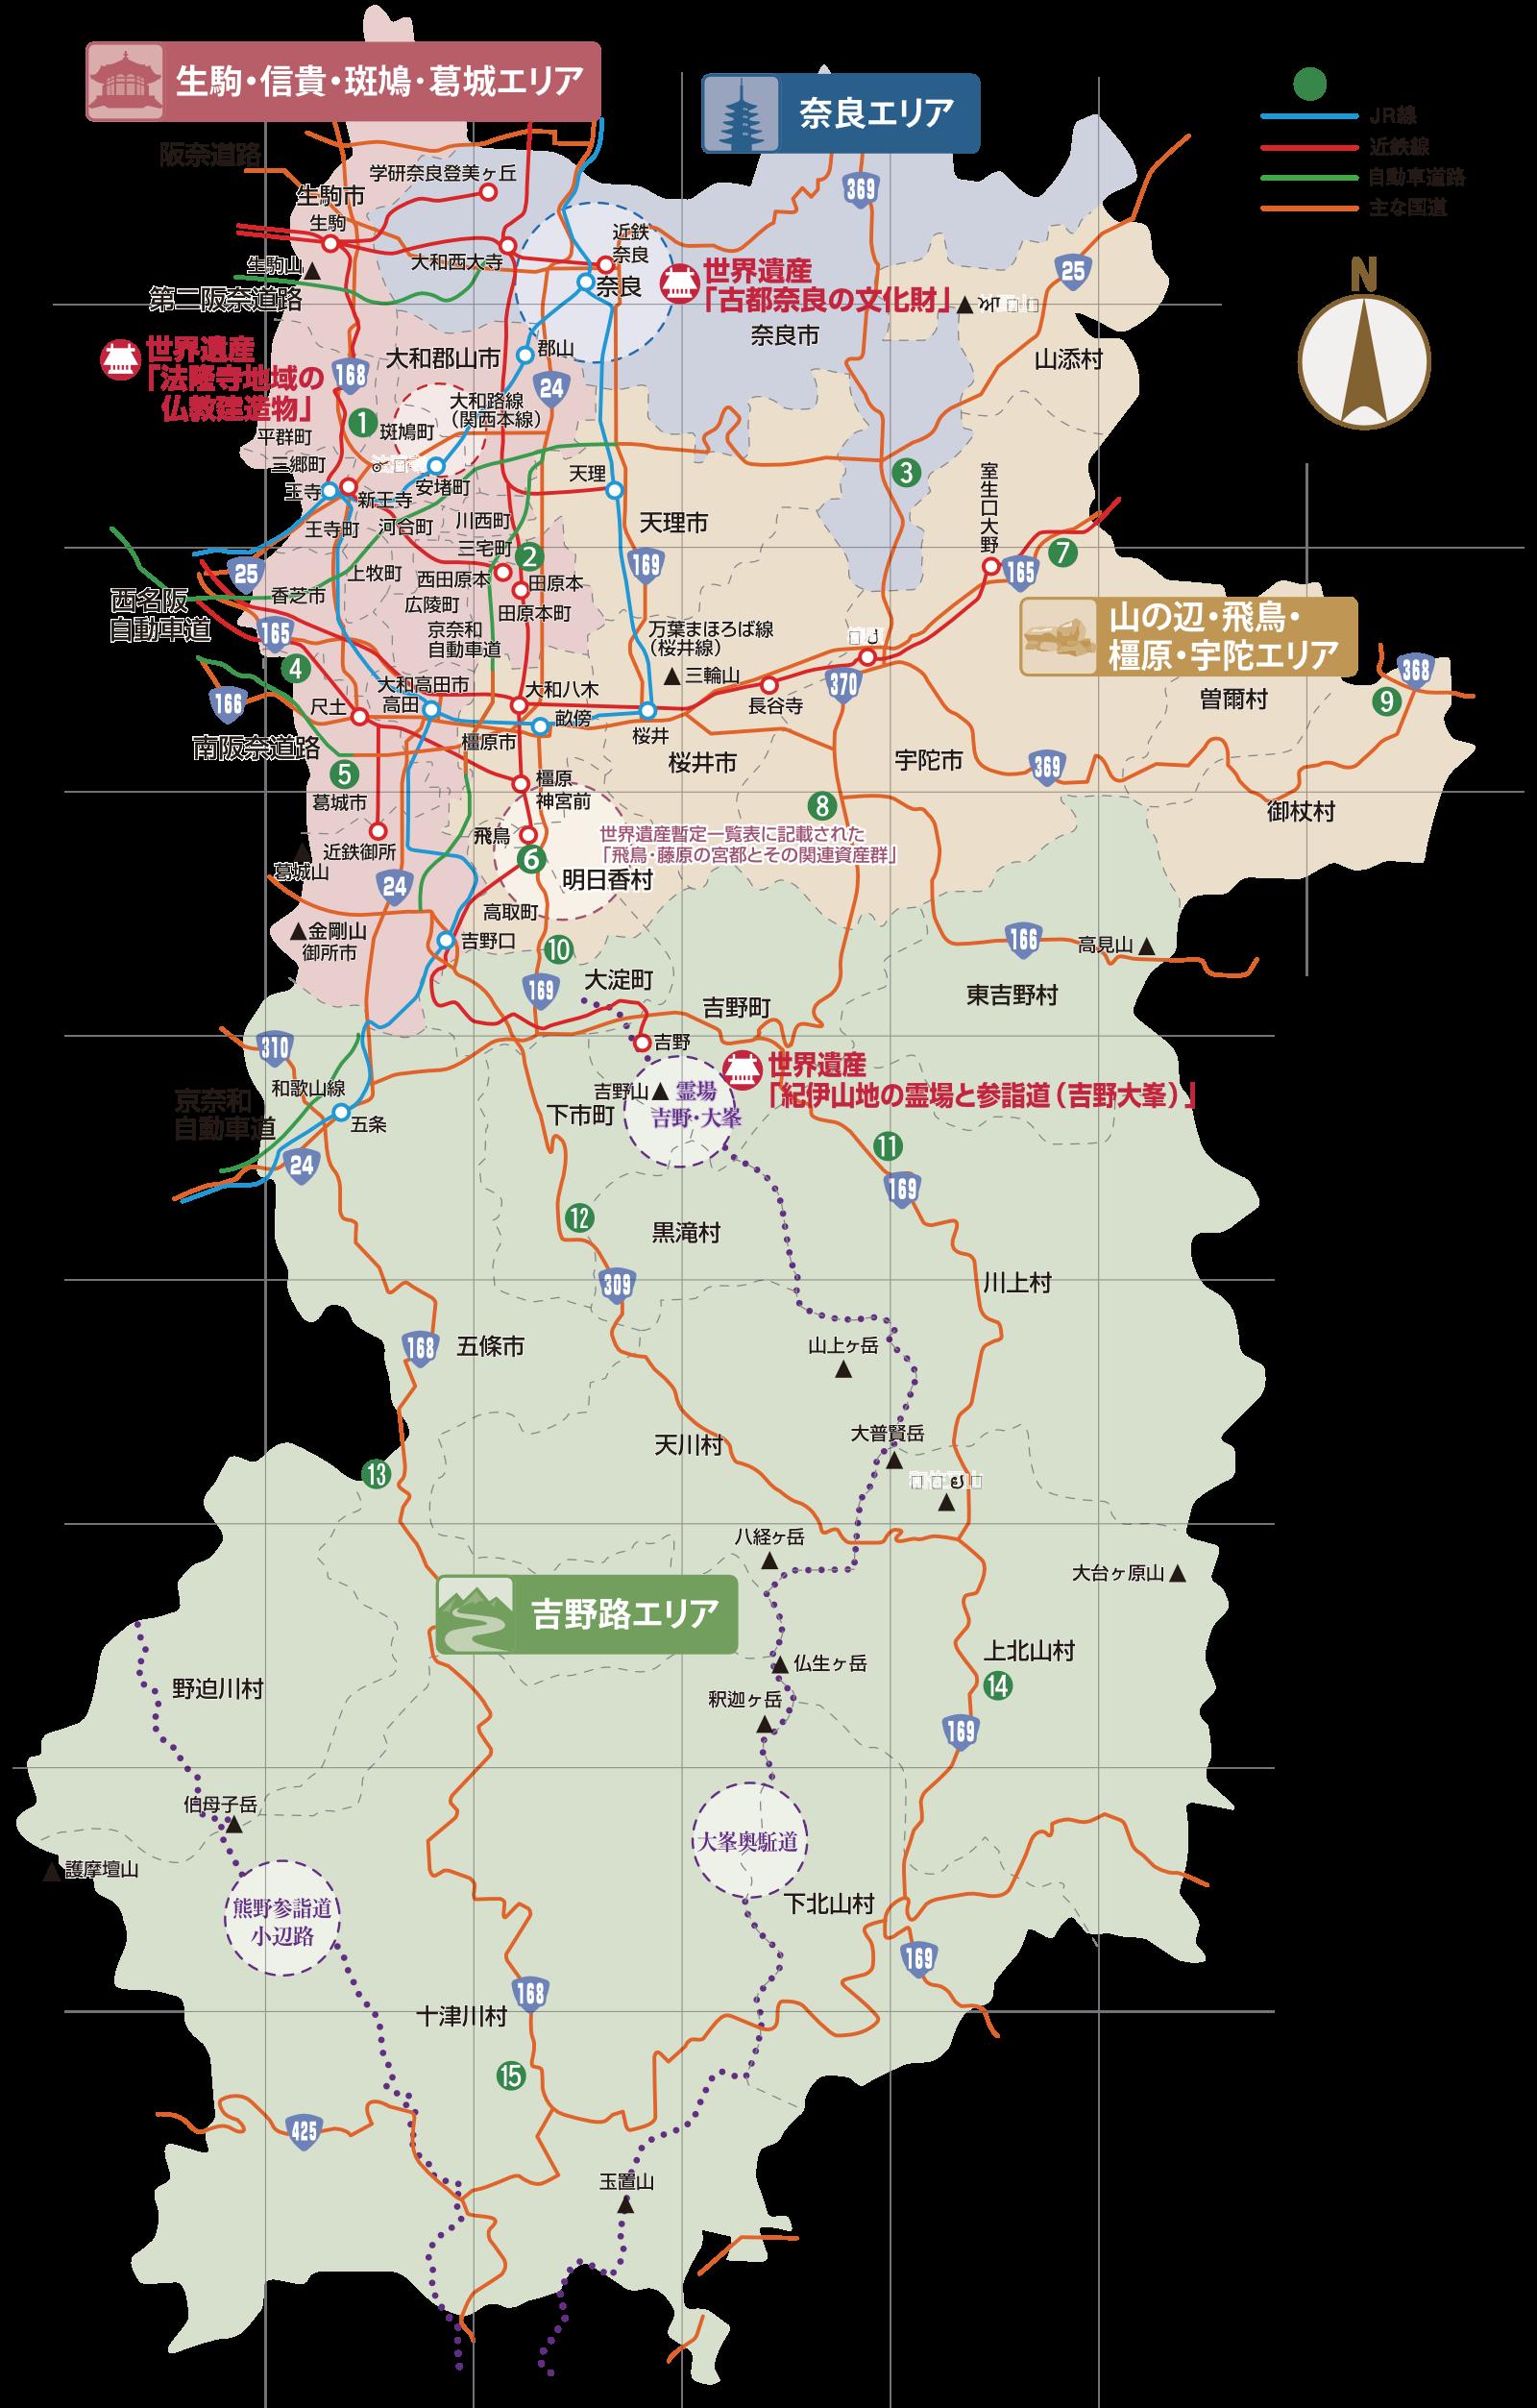 奈良へのアクセス 奈良県観光[公式サイト] あをによし なら旅ネット